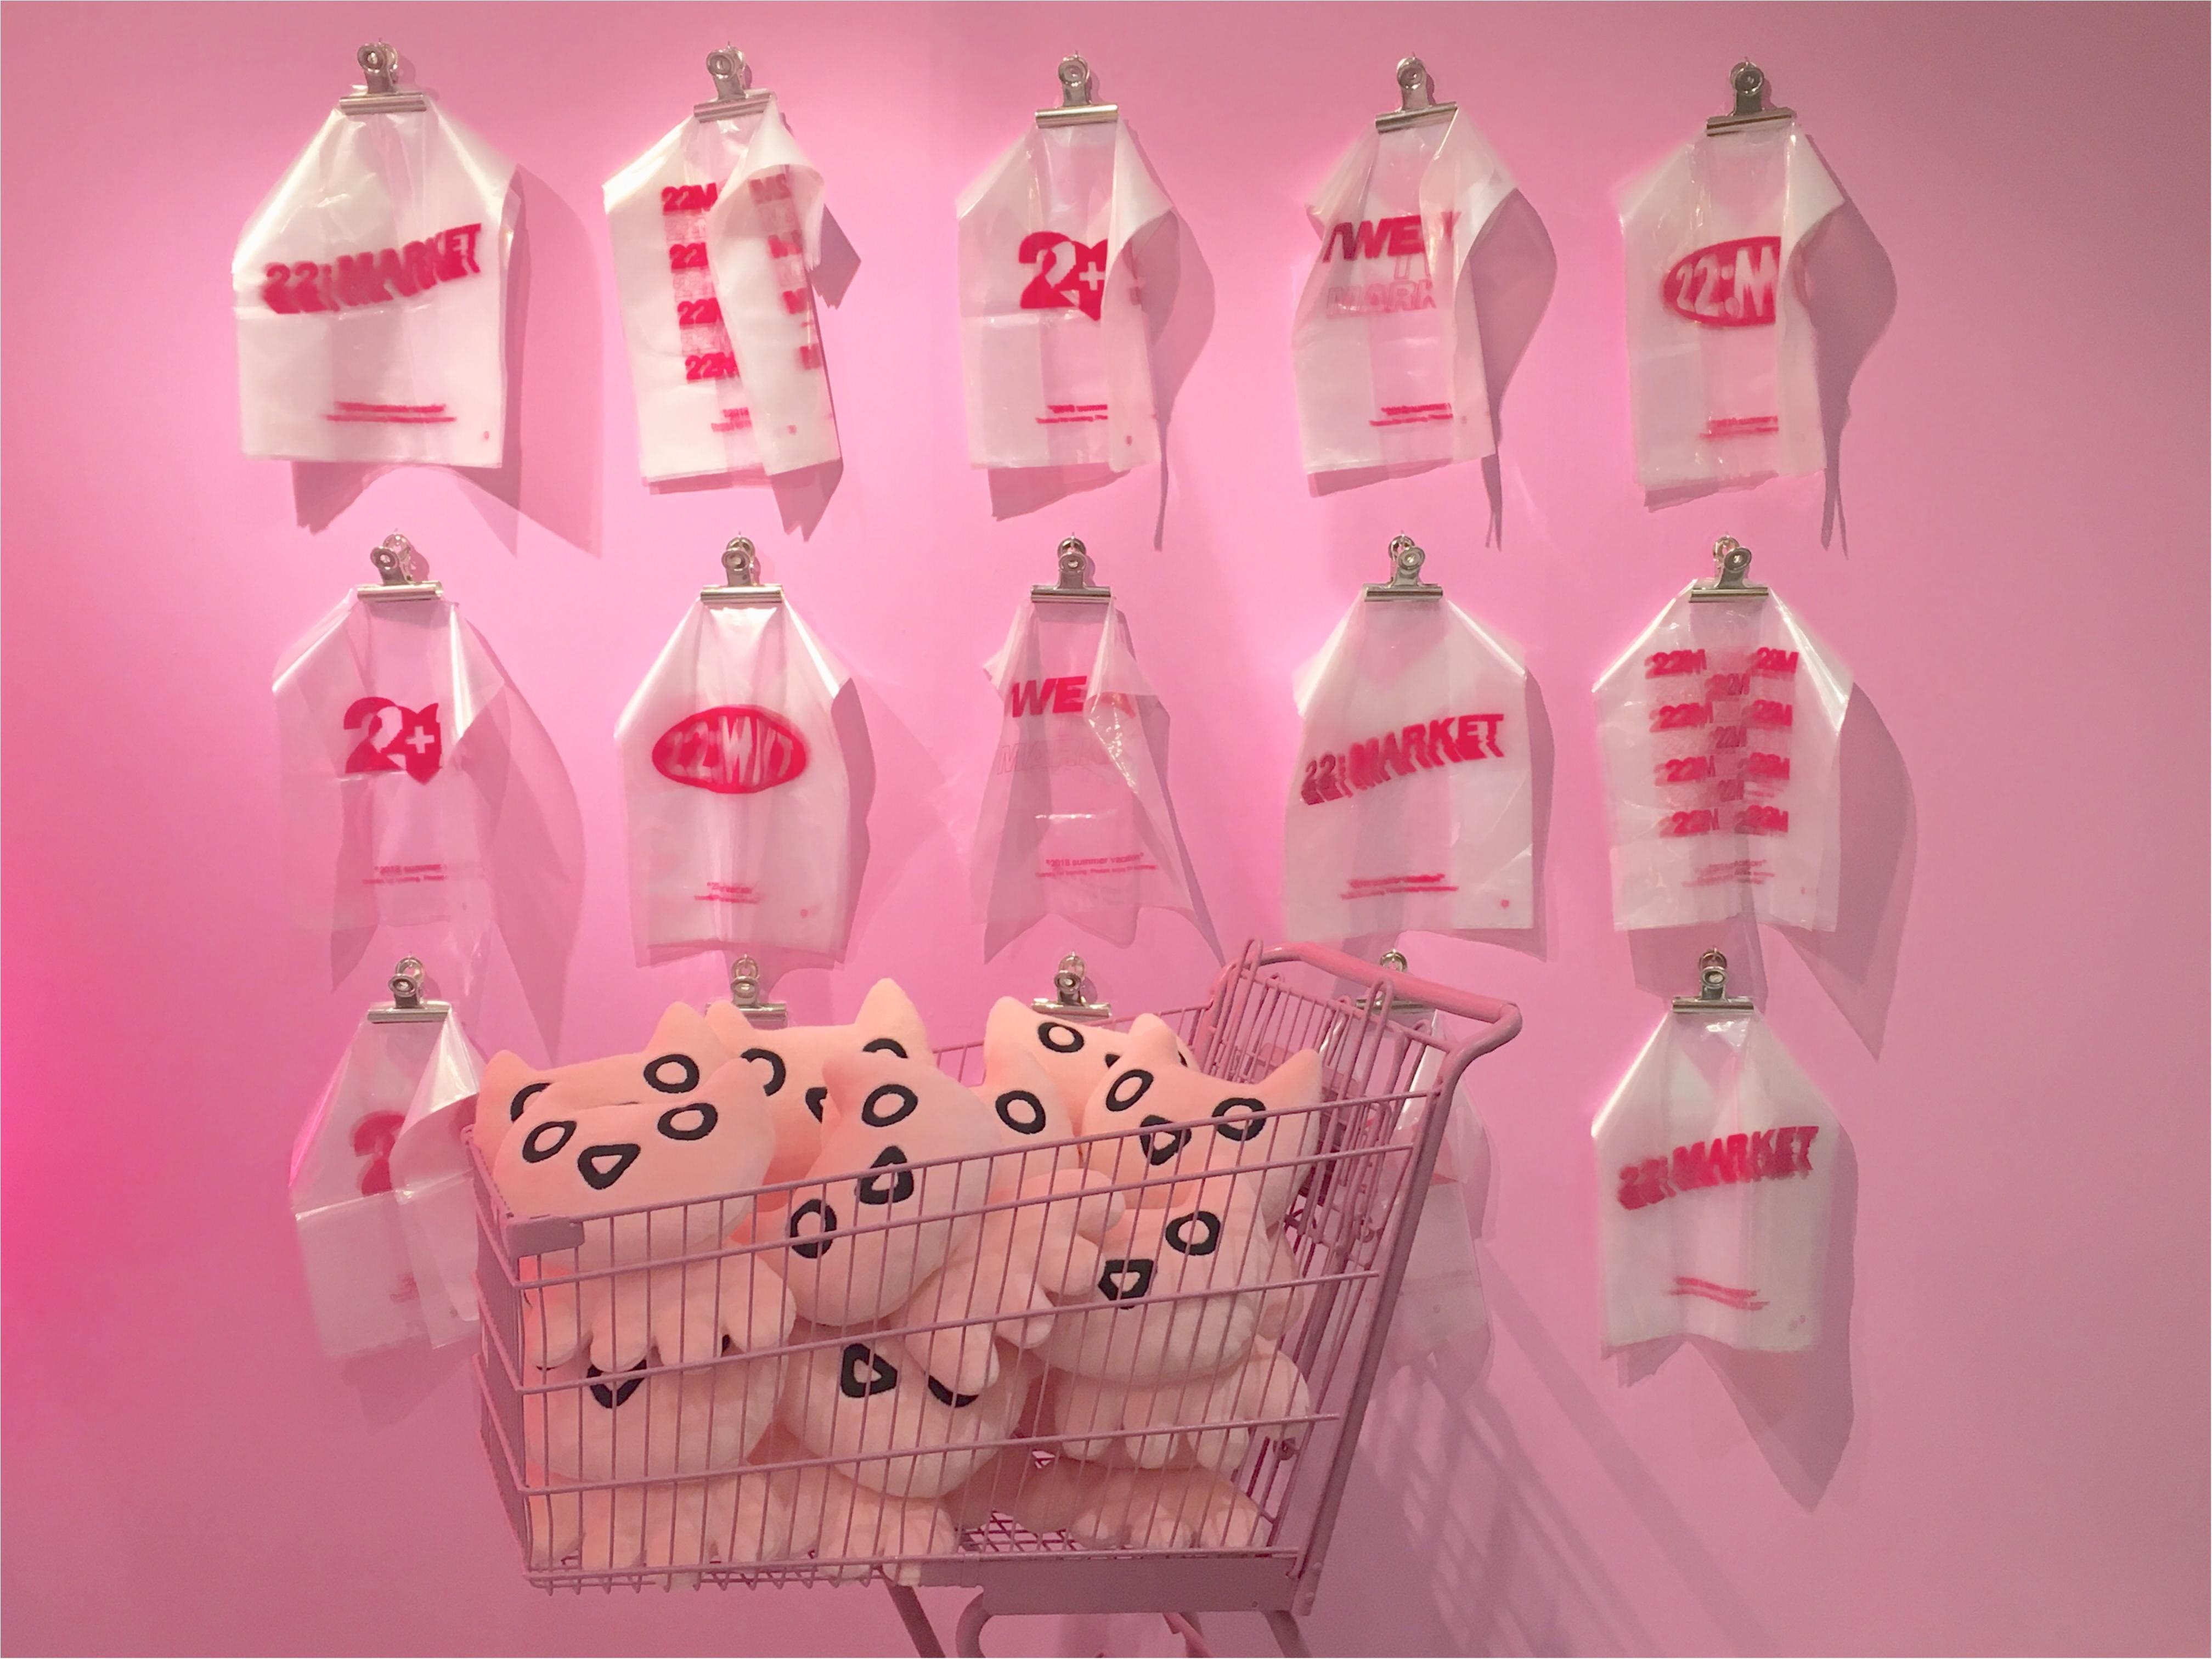 【こじはる(小嶋陽菜さん)プロデュース】『22;MARKET』購入品とノベルティ♡_4